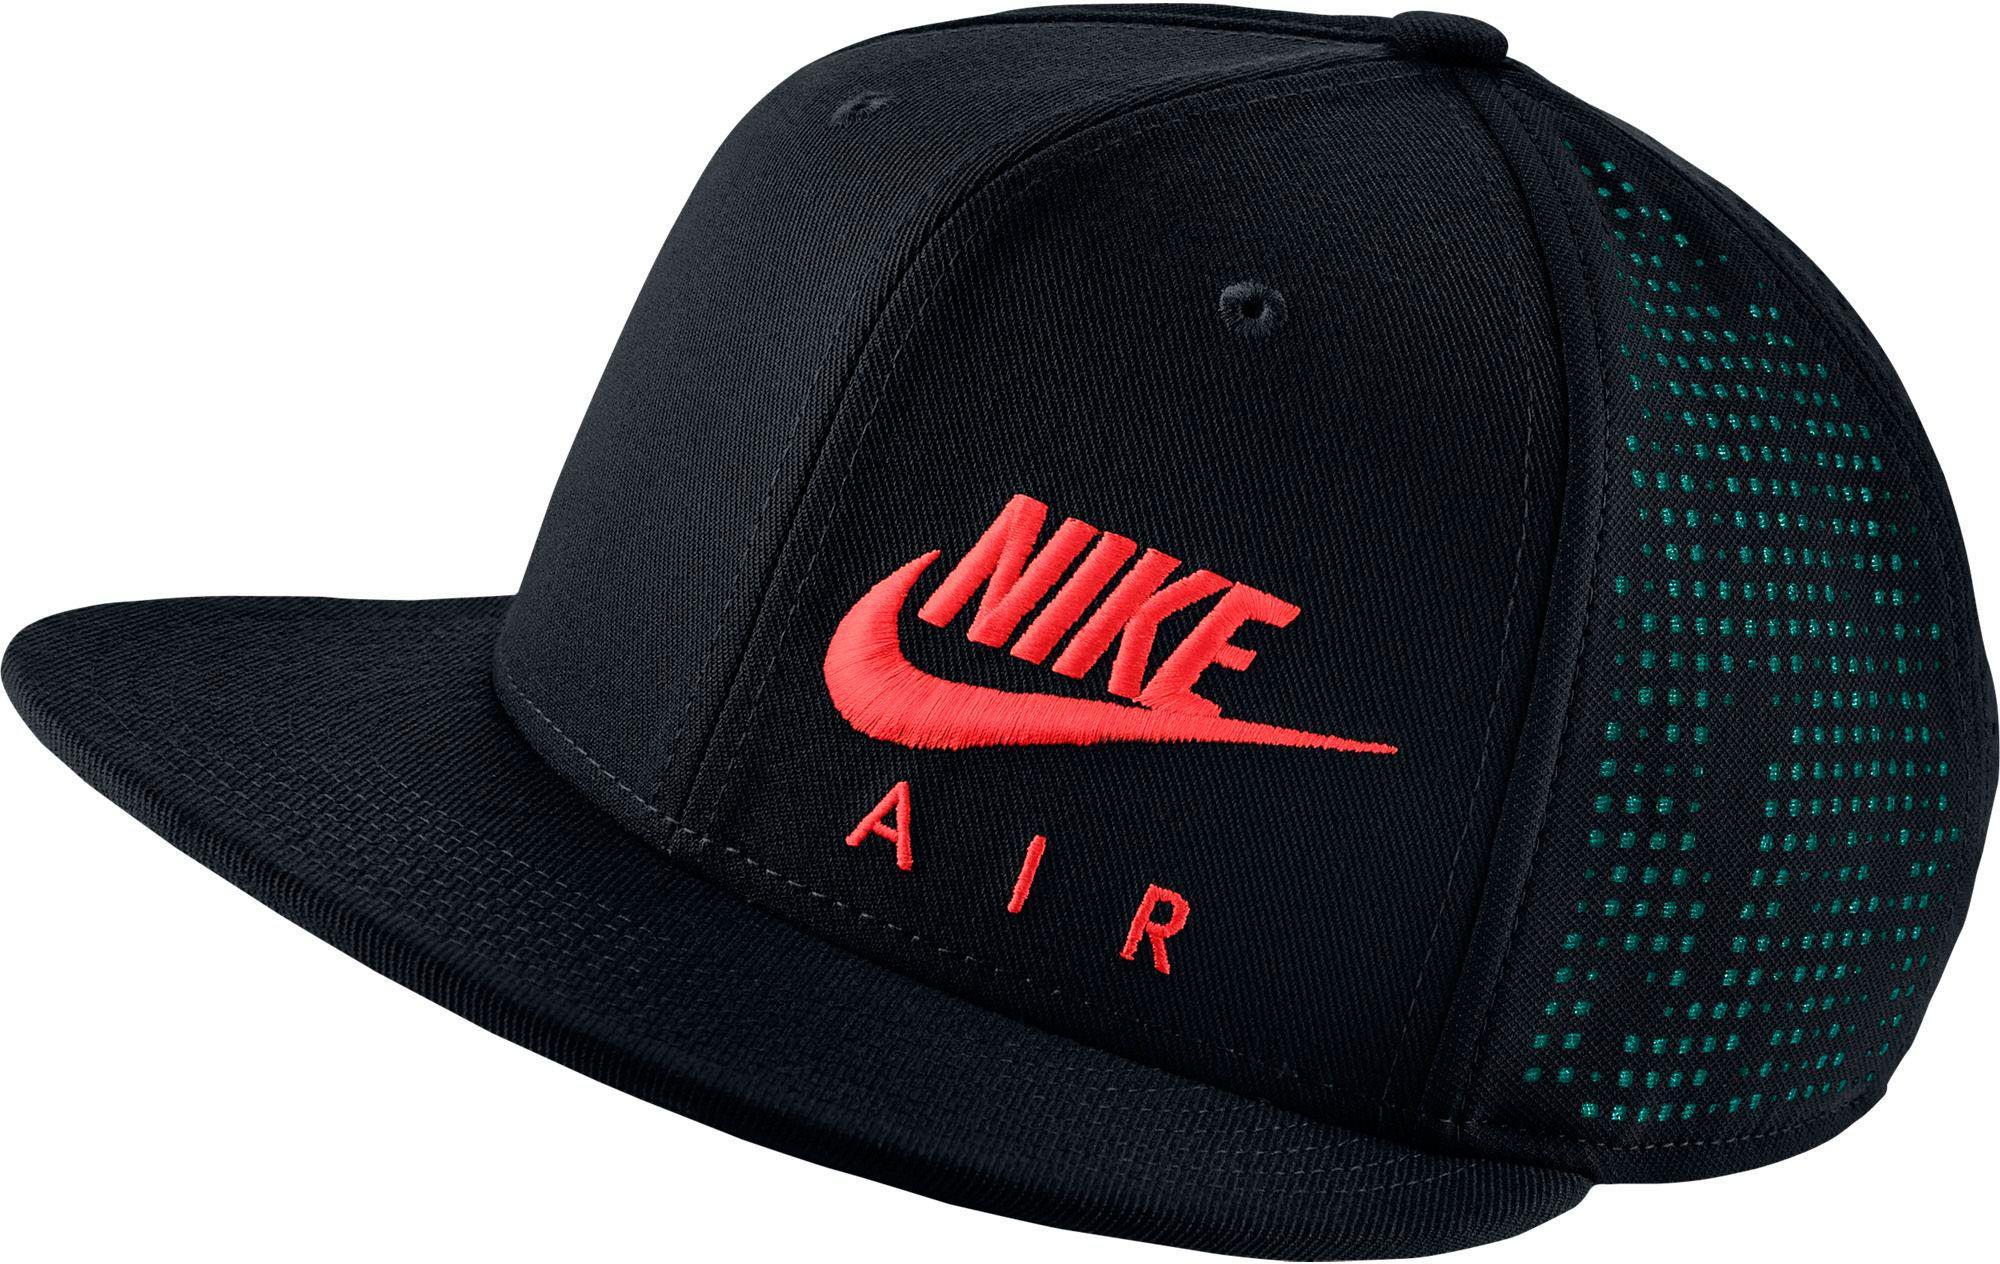 Lyst - Nike Air Hybrid True Adjustable Snapback Hat in Black for Men 4b48af159276